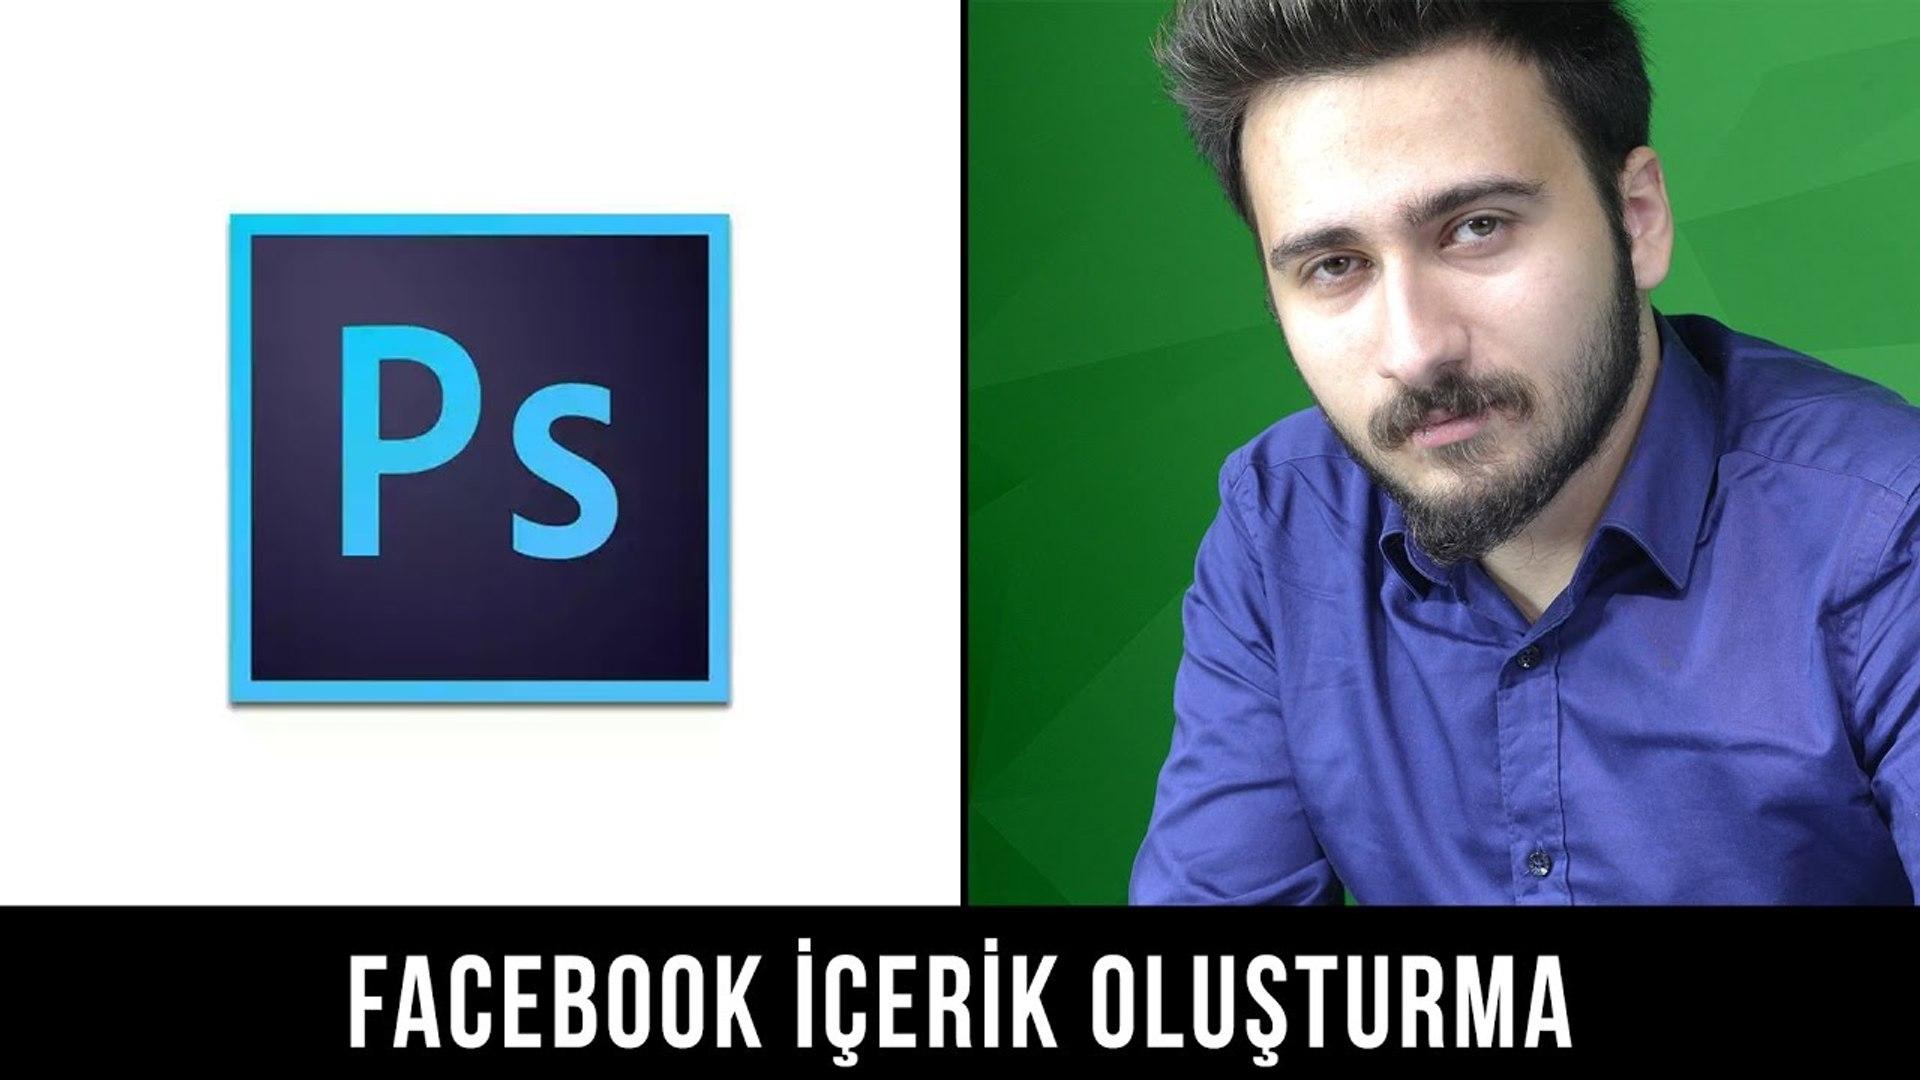 Facebook İçerik Oluşturma - Bölüm 1 - Facebook Eğitim Seti